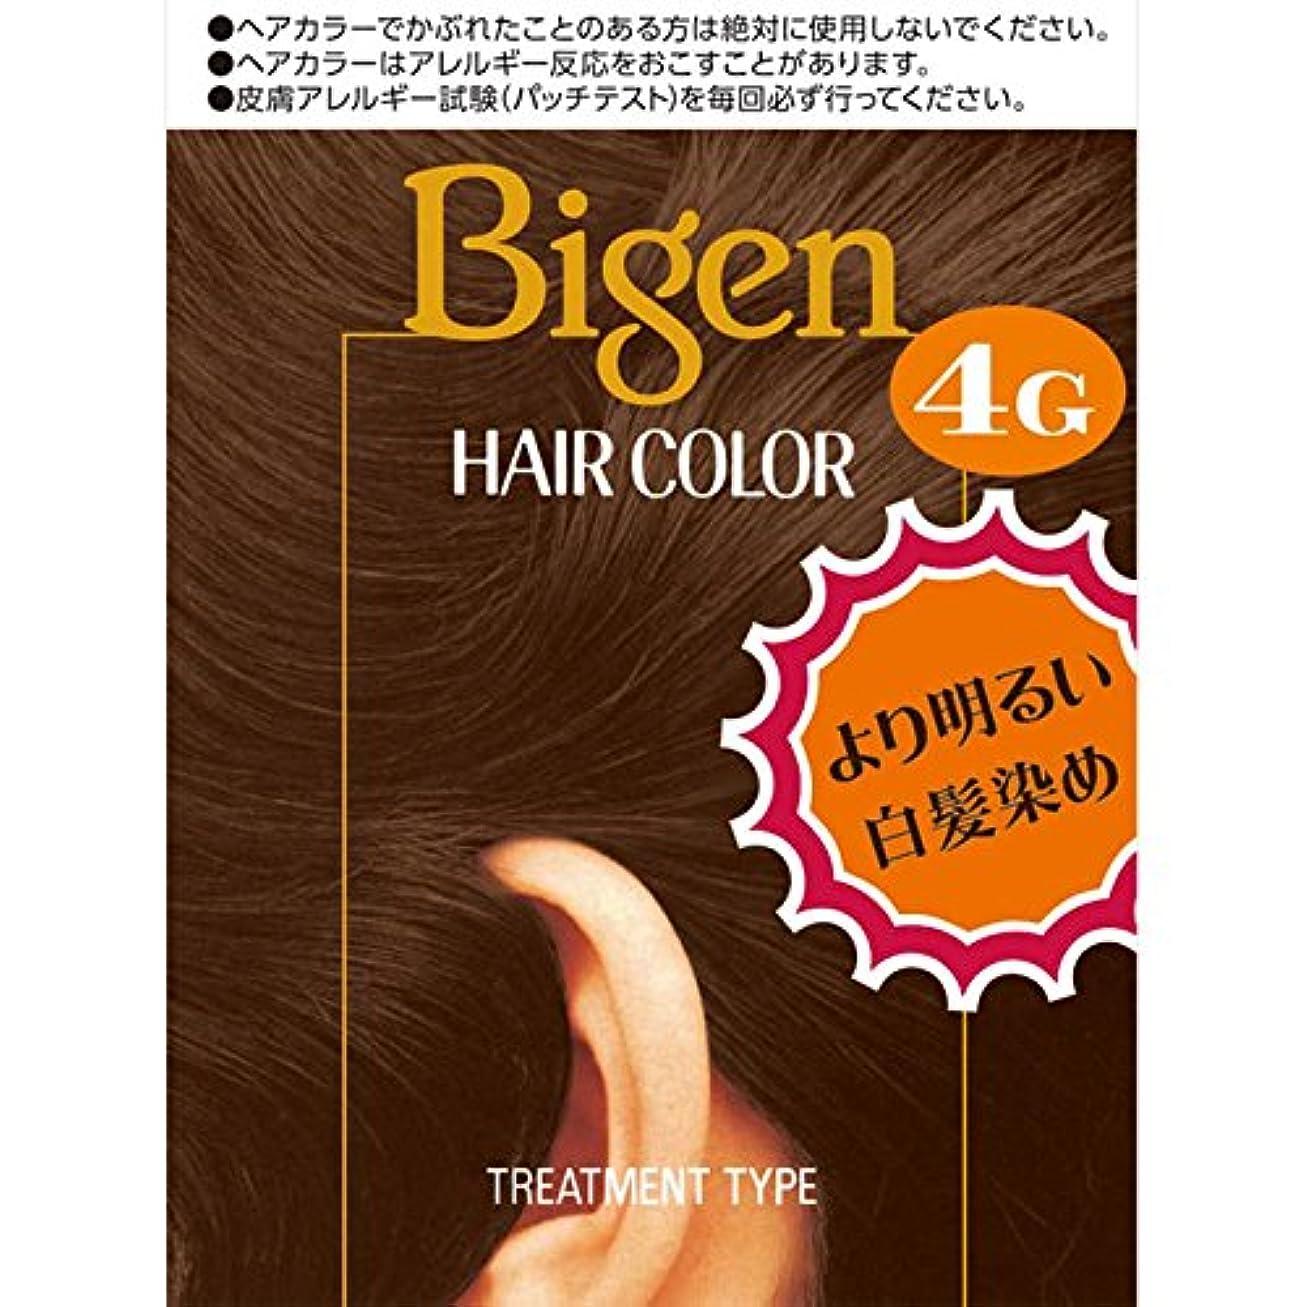 植木スーパーマーケット量でホーユー ビゲン ヘアカラー 4G 自然な栗色 40ml×2 (医薬部外品)